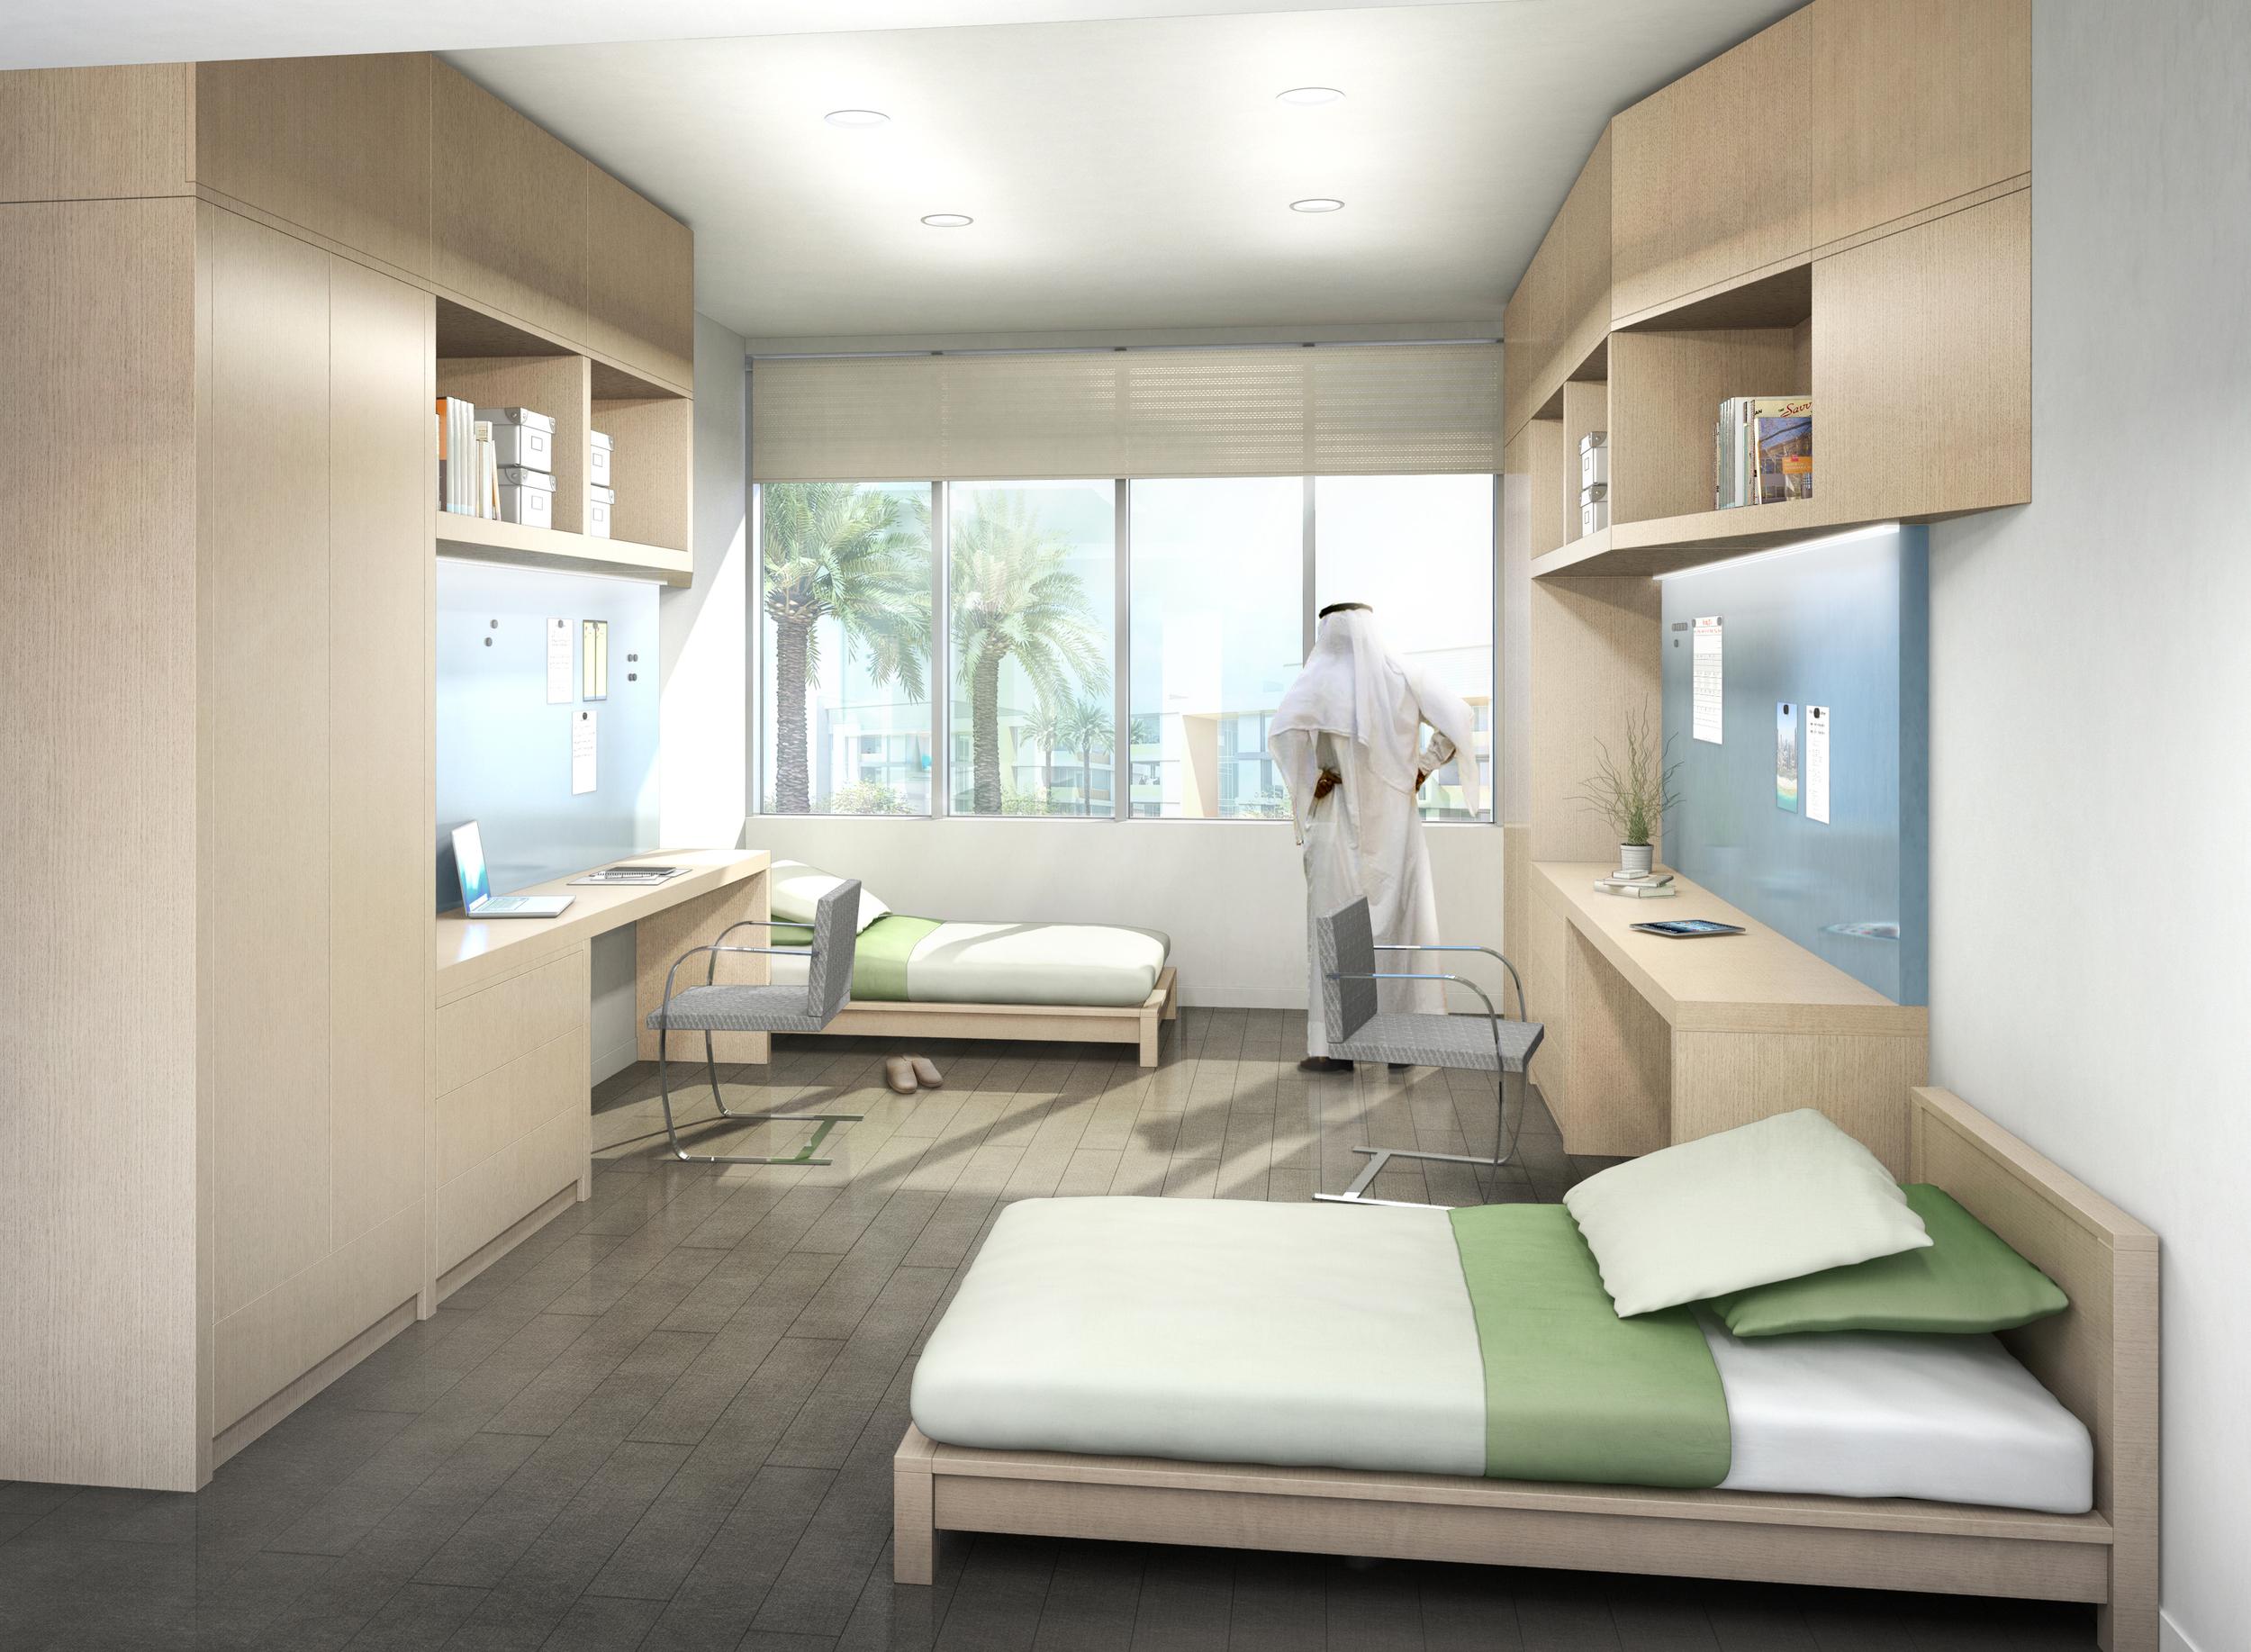 ADNOC DORM ROOM  Abu Dhabi, UAE    Client: HOK DC